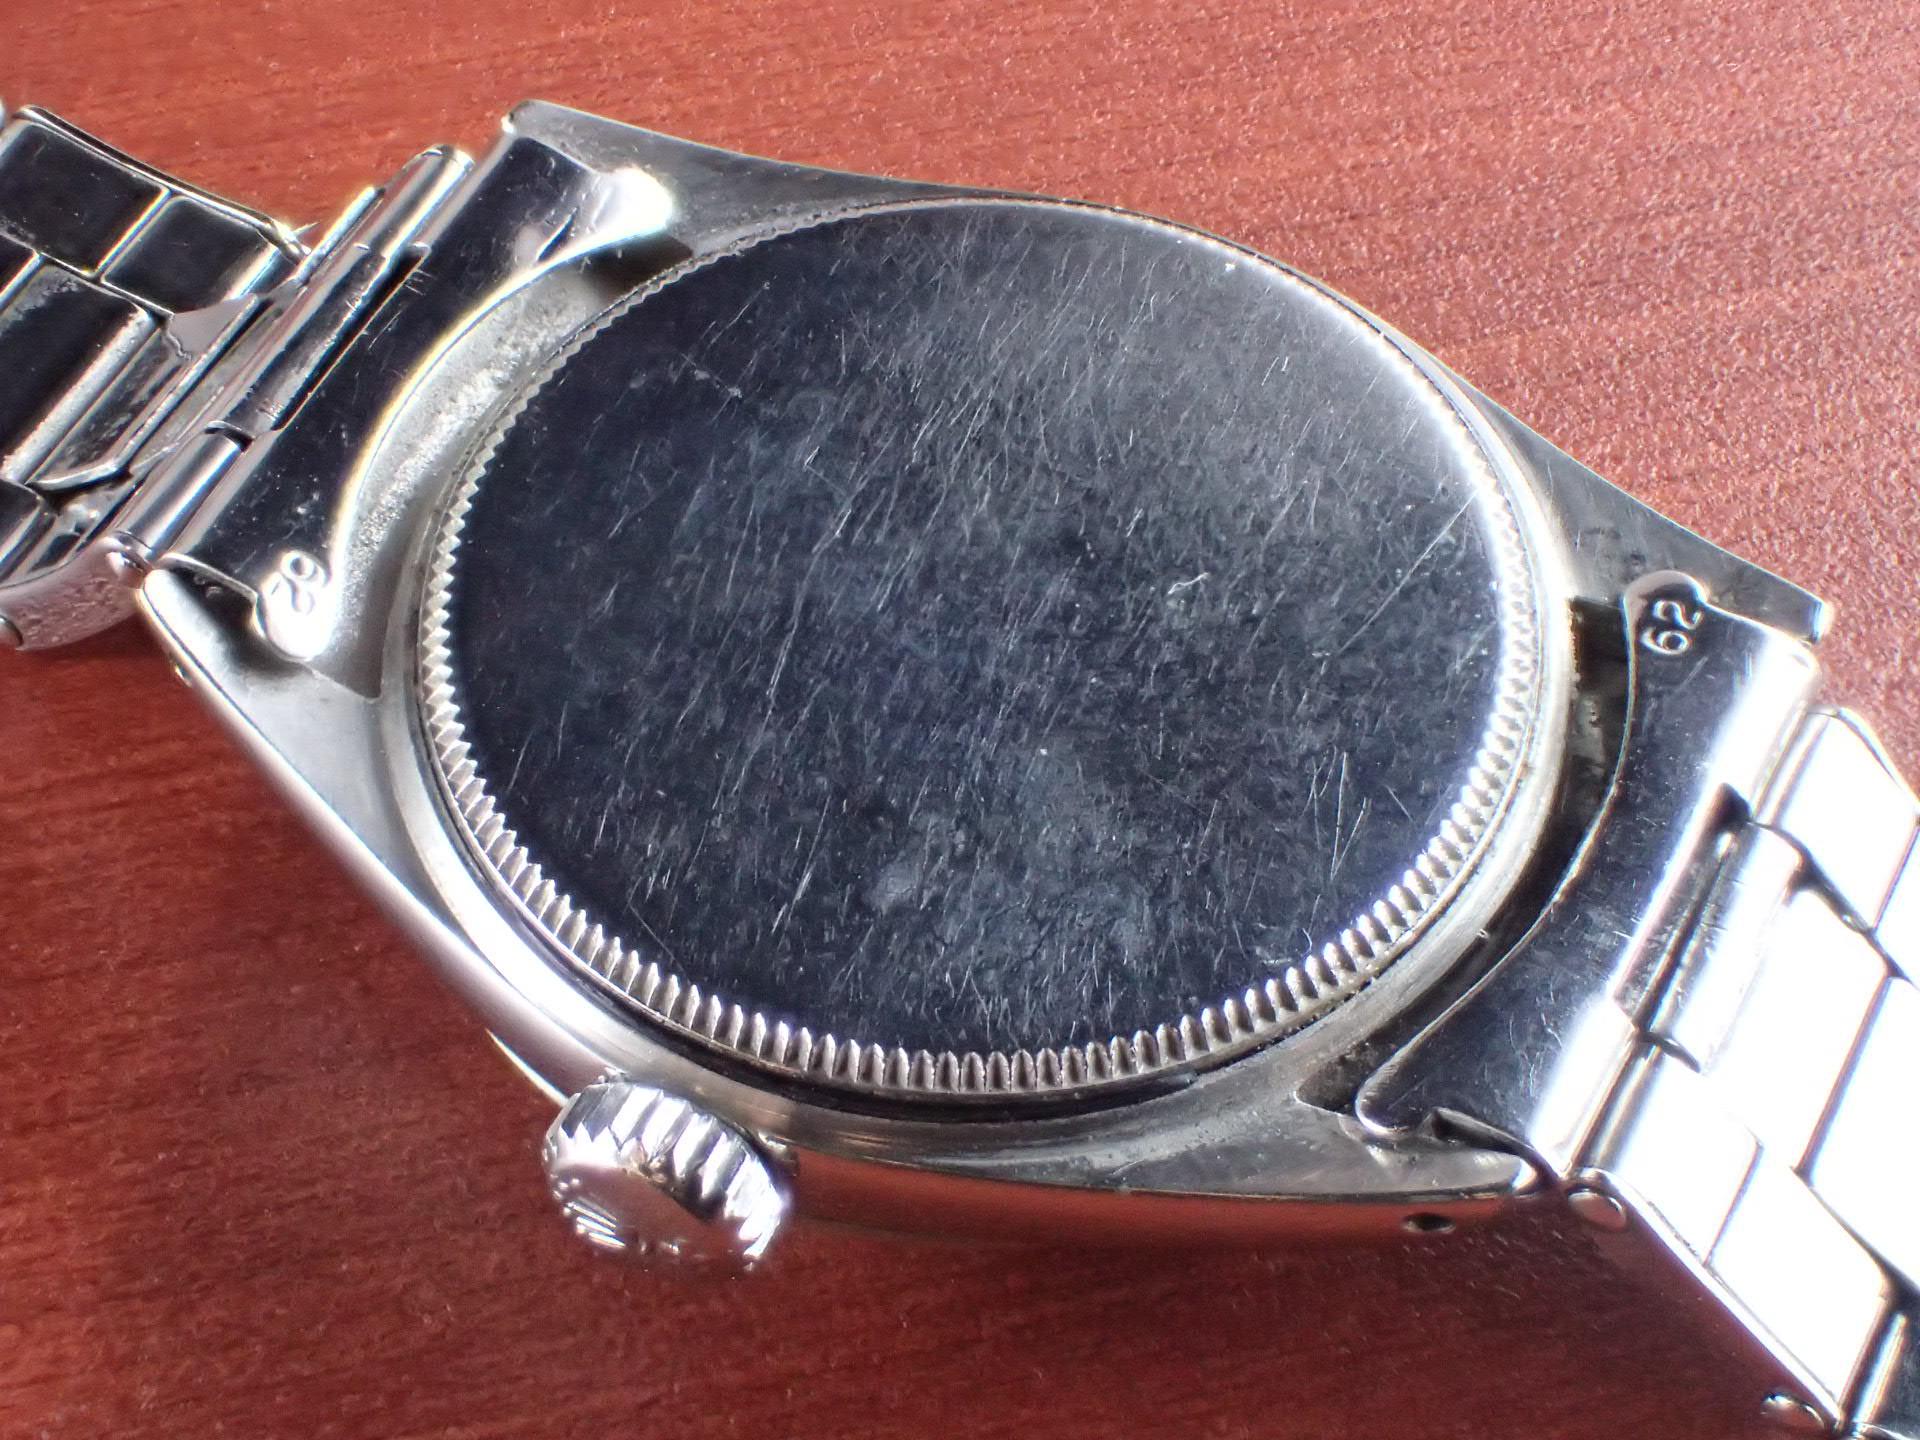 ロレックス オイスターロイヤル Ref.6444 テキスタイルダイアル 1950年代の写真4枚目